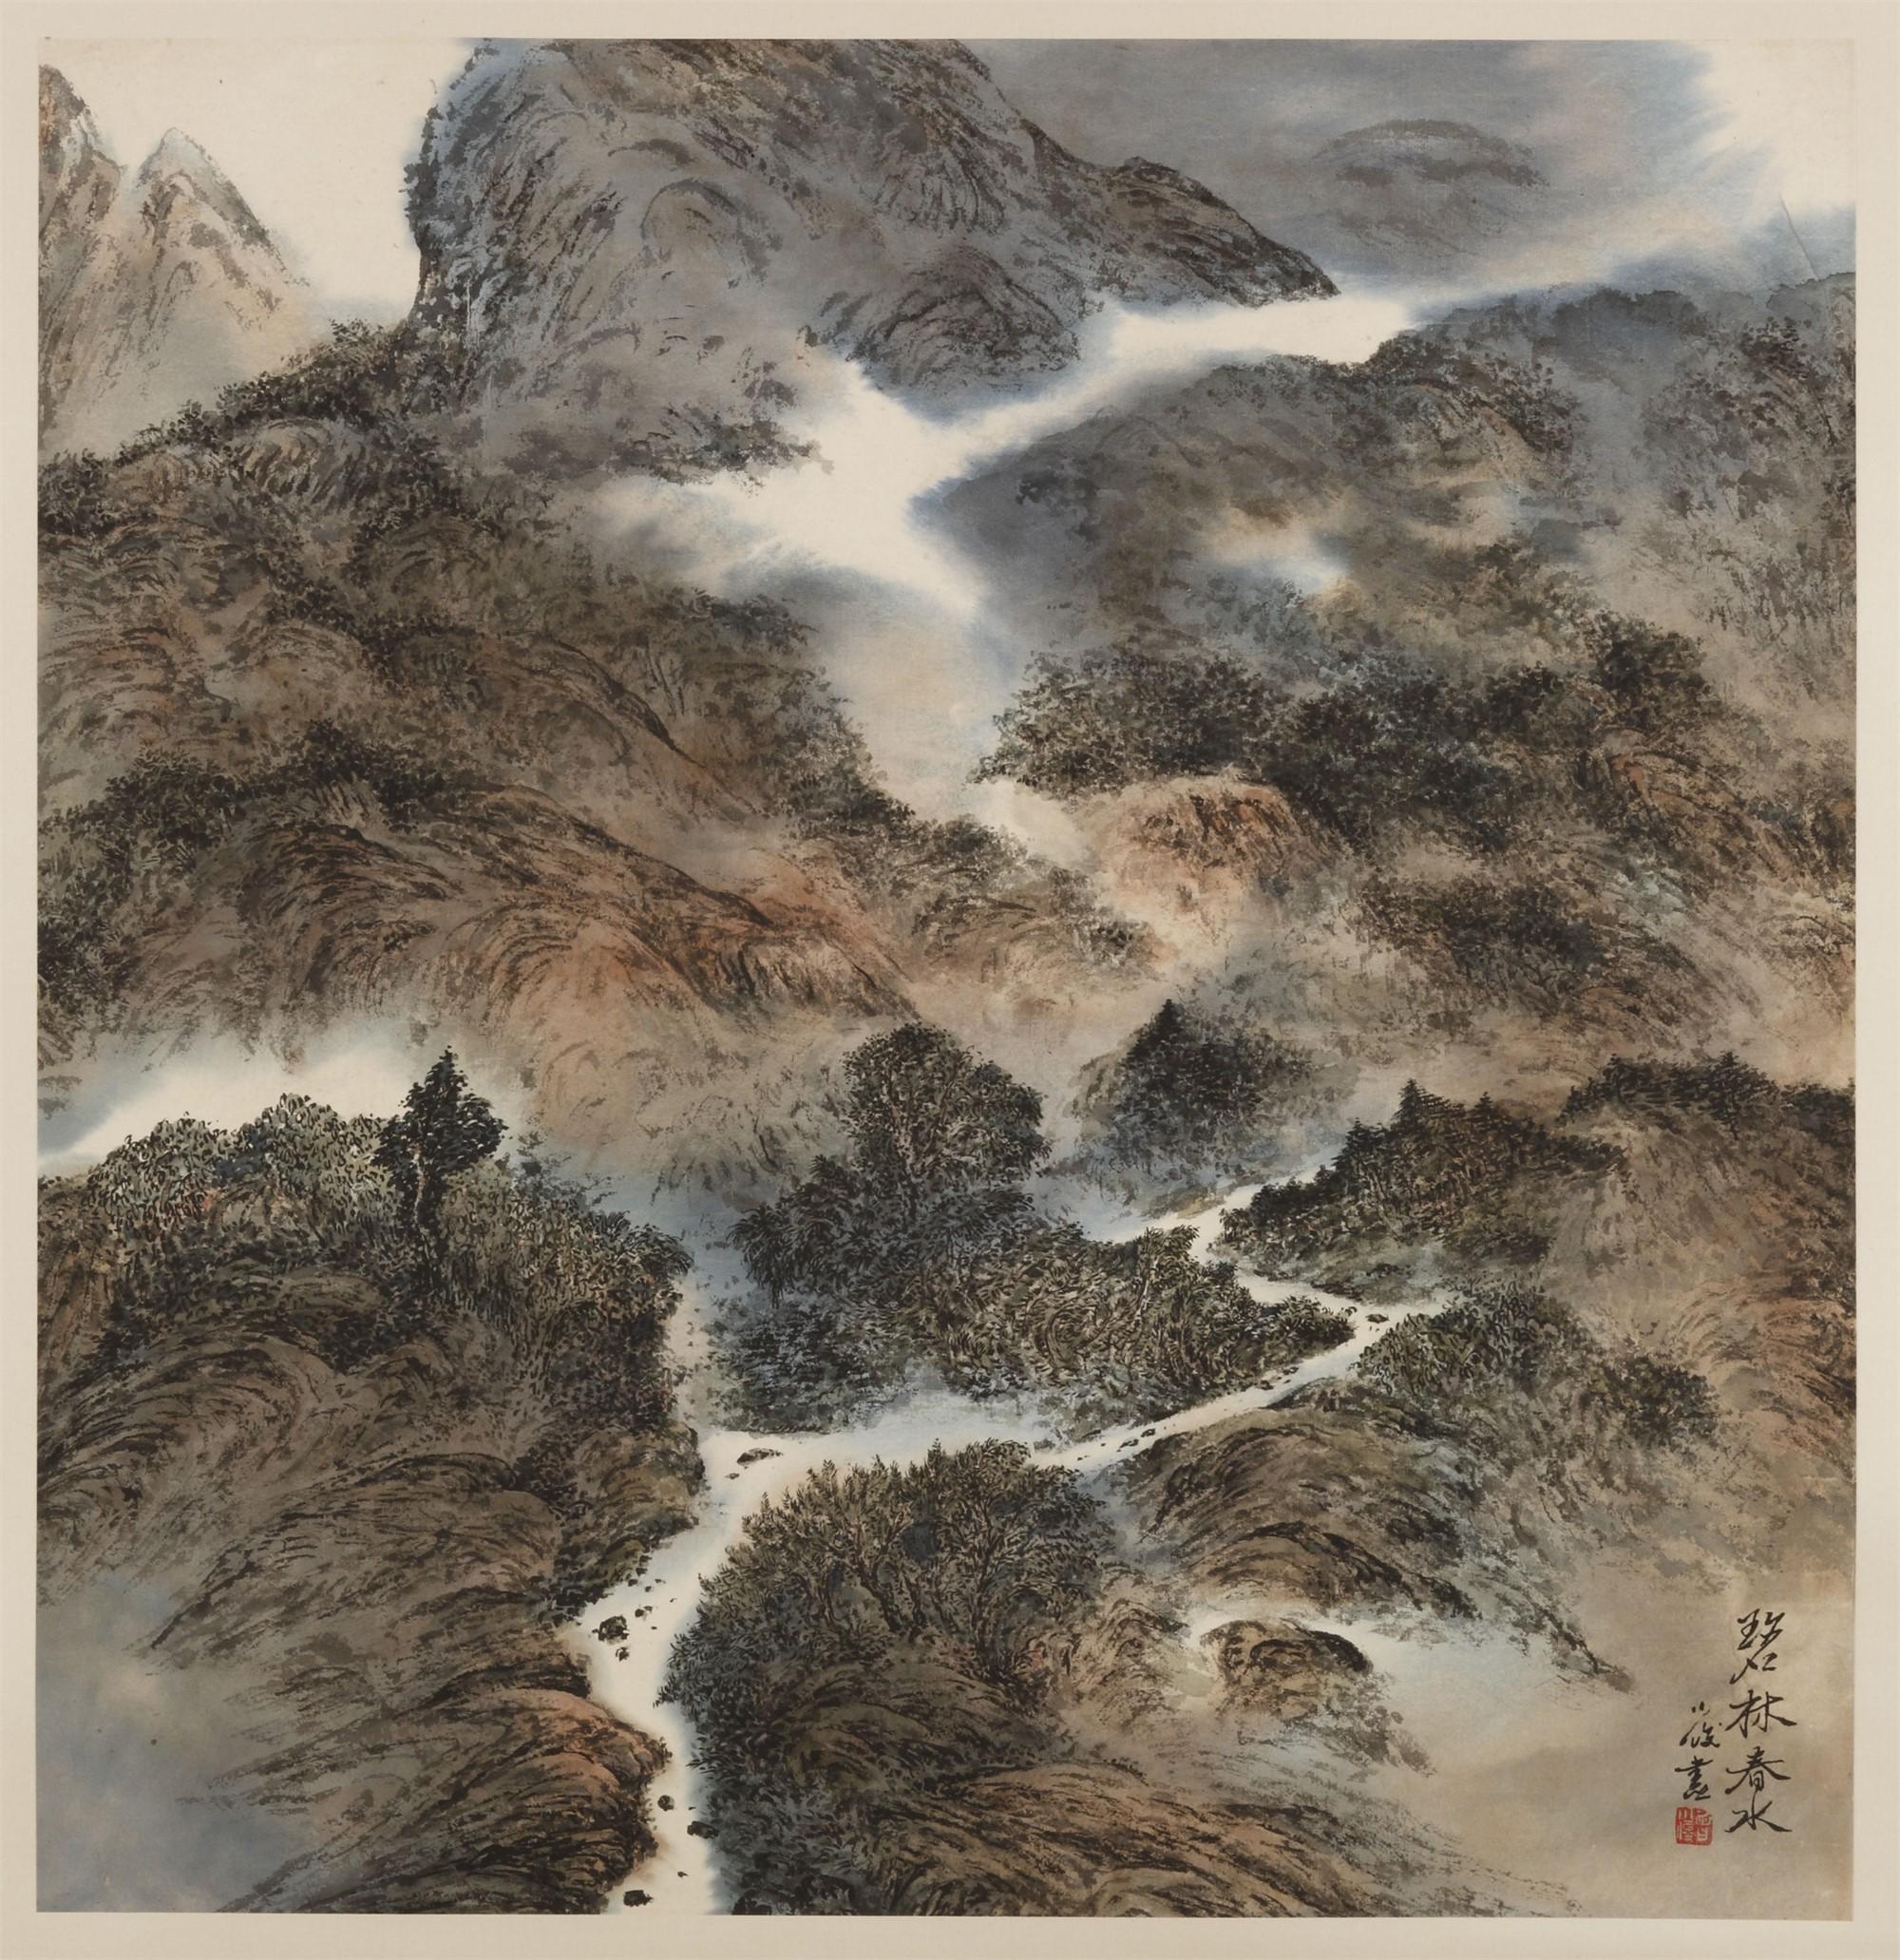 SPRING by Xiaojun Zeng